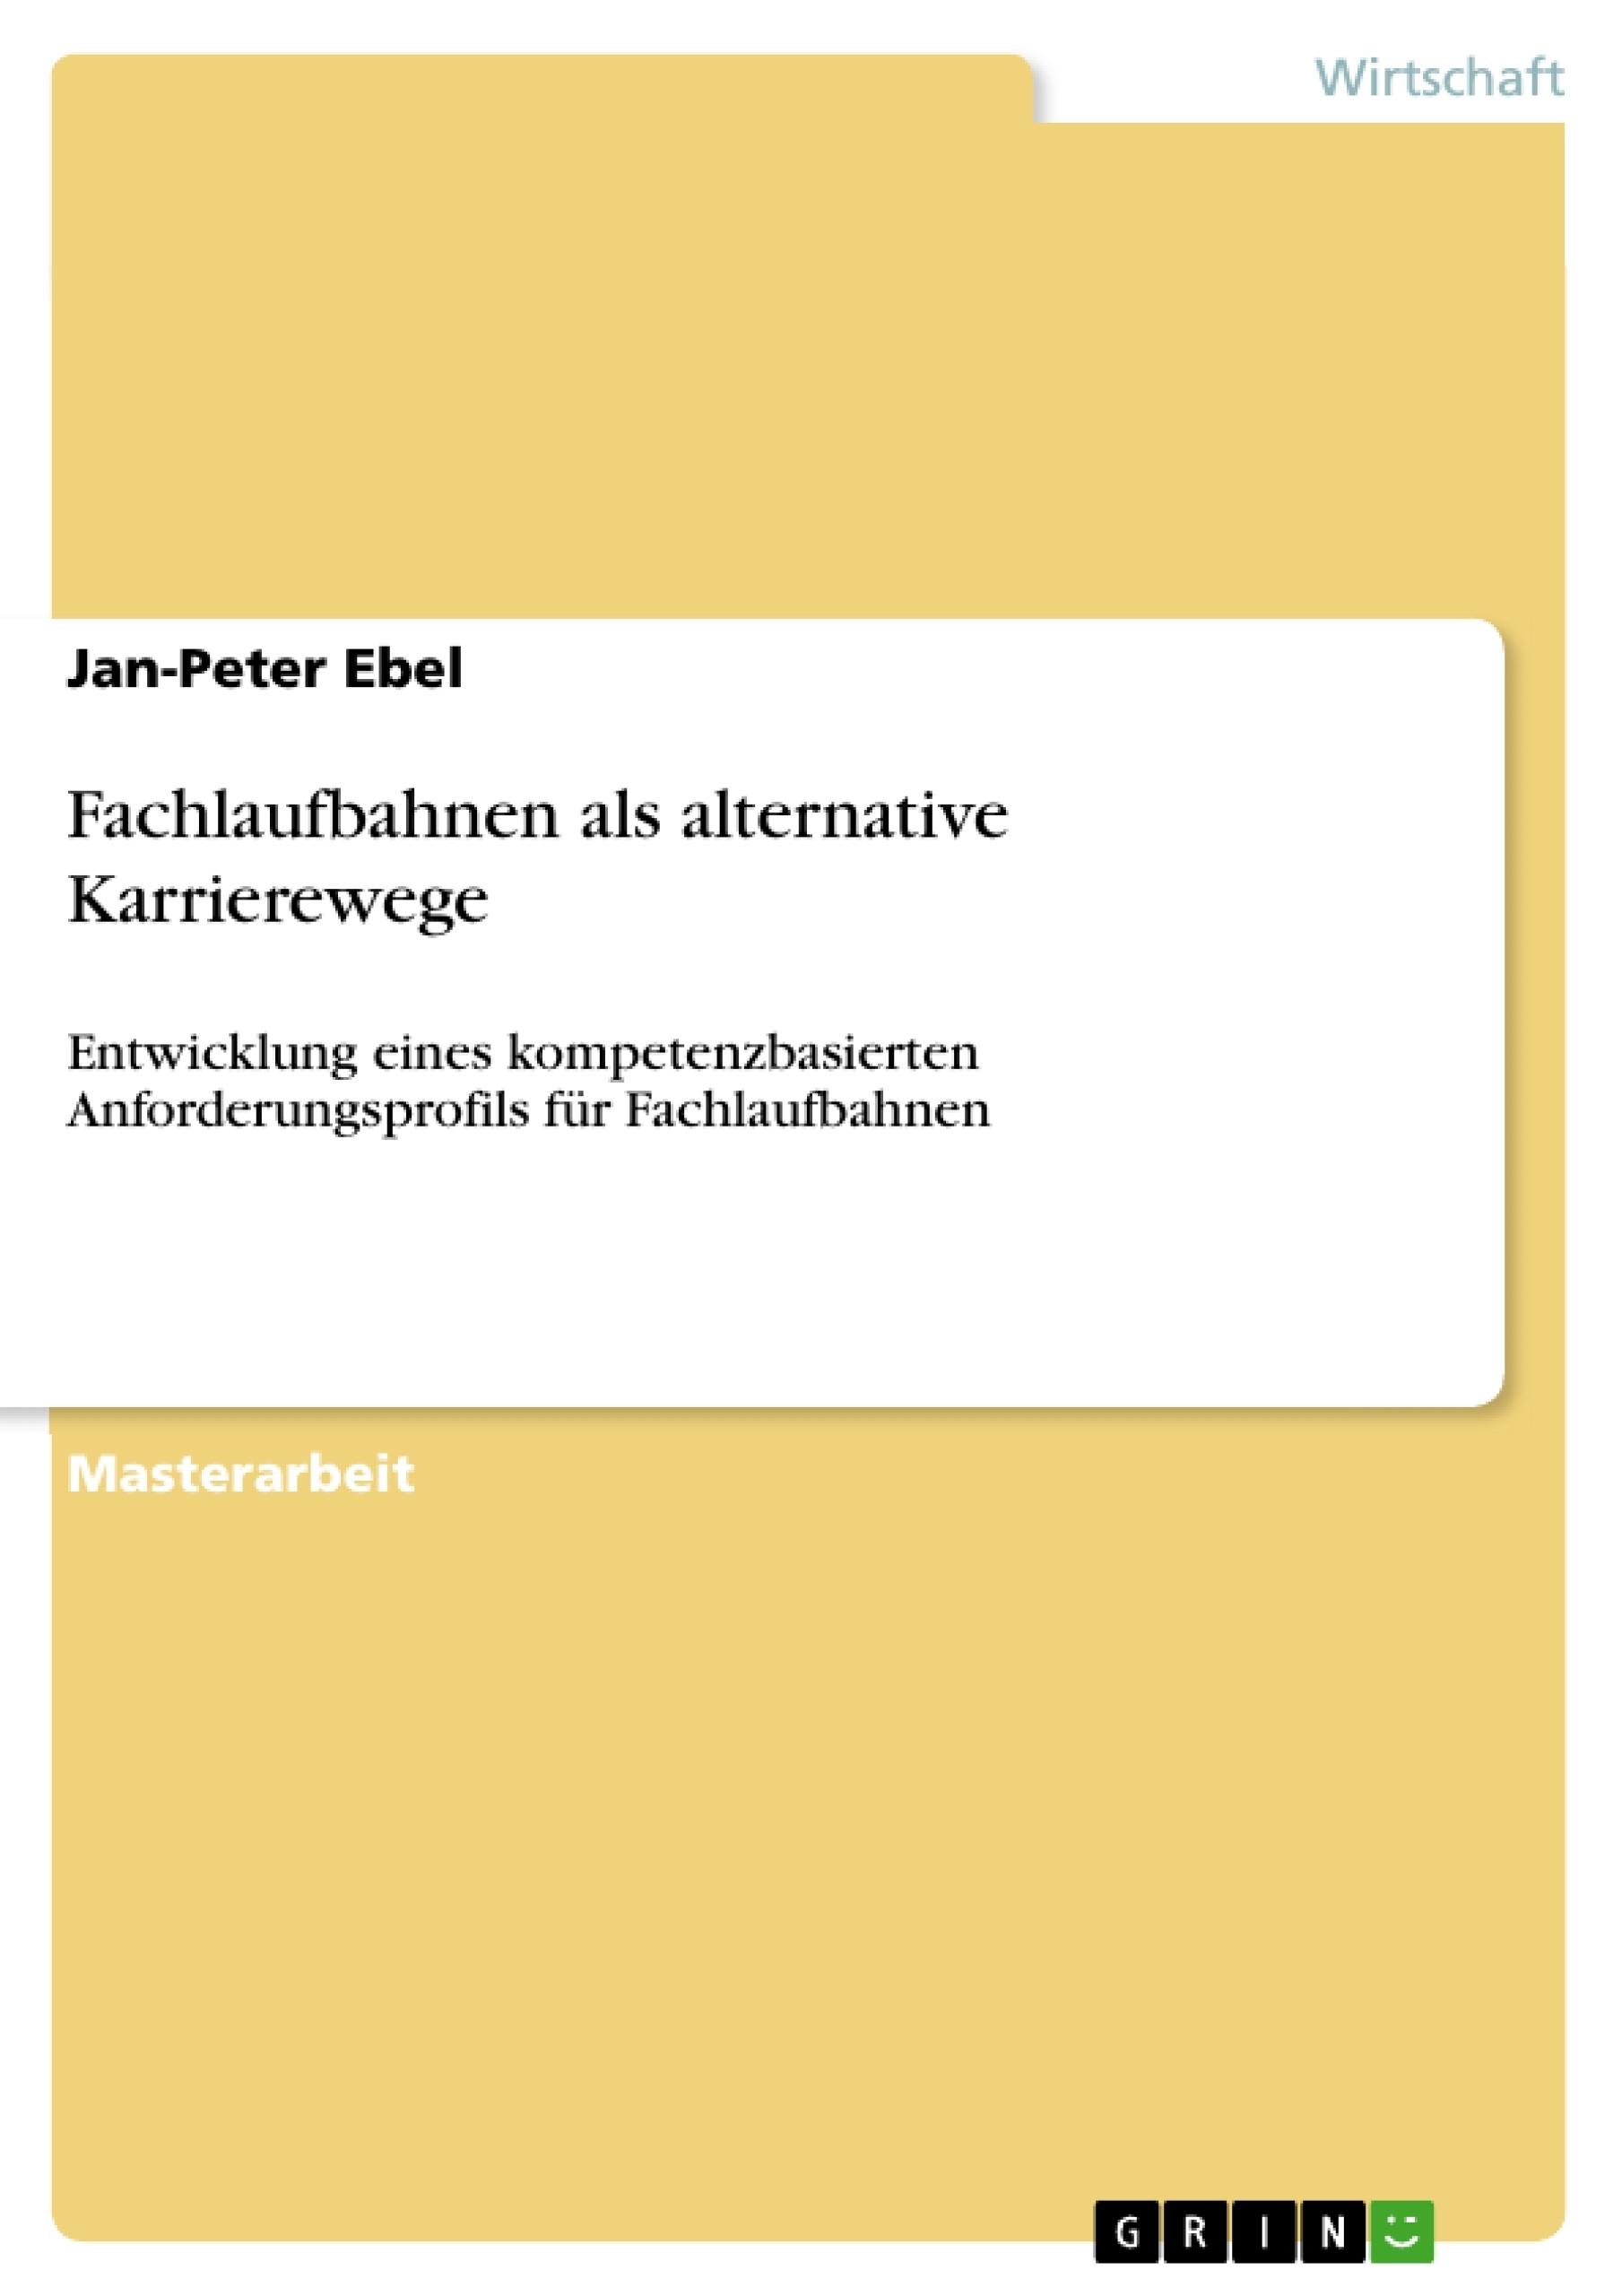 Fachlaufbahnen als alternative Karrierewege | Diplomarbeiten24.de